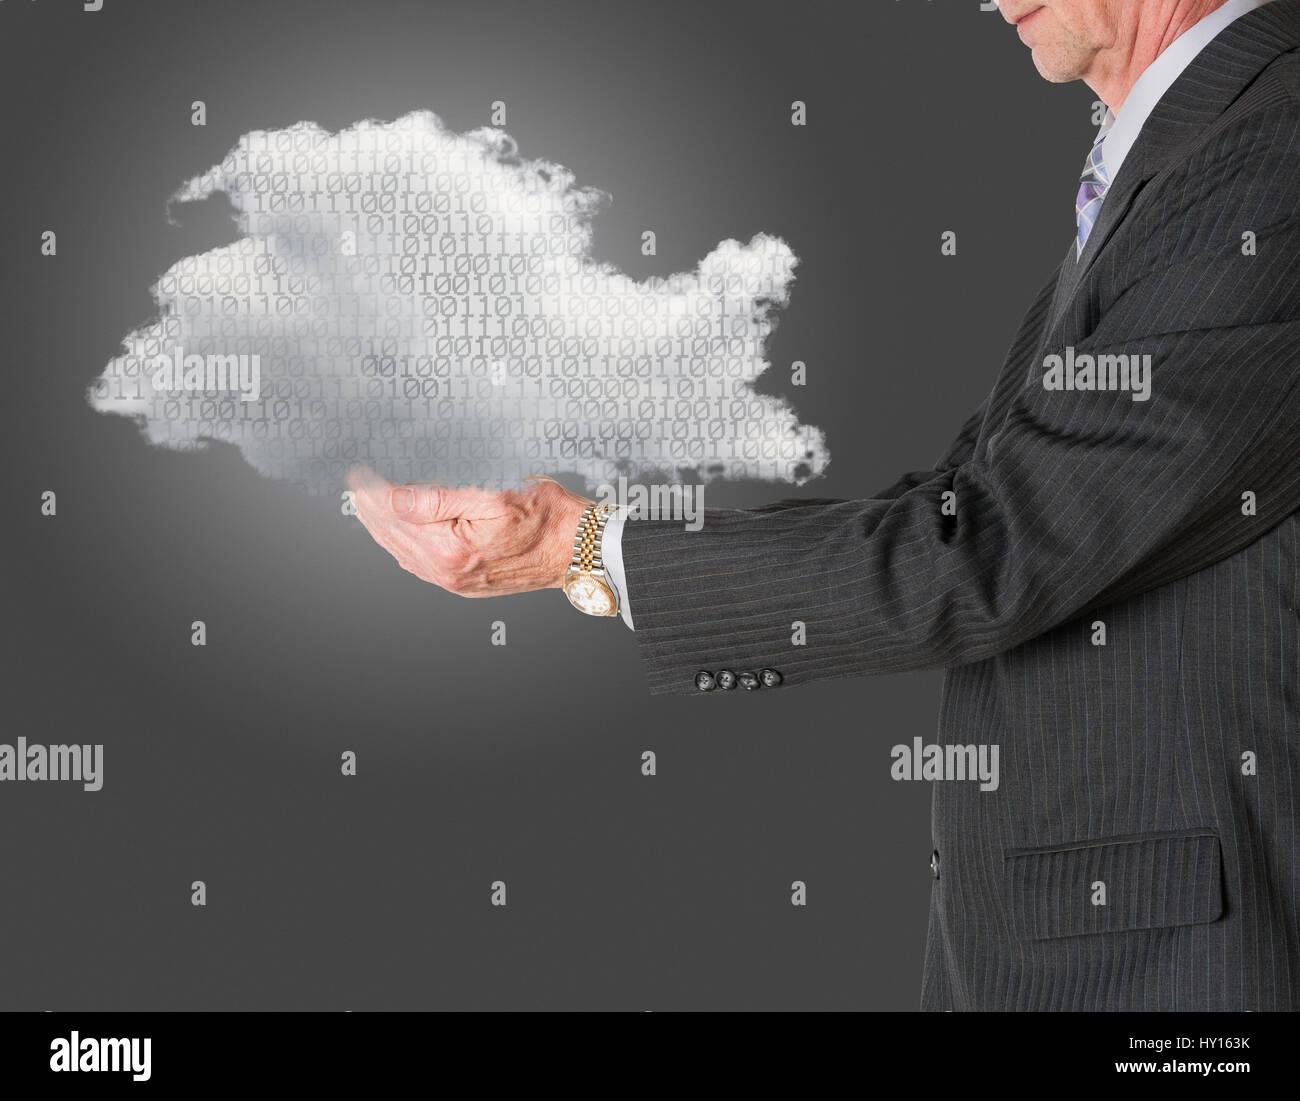 Cloud Computing und Cloud Storage Konzept Stockbild